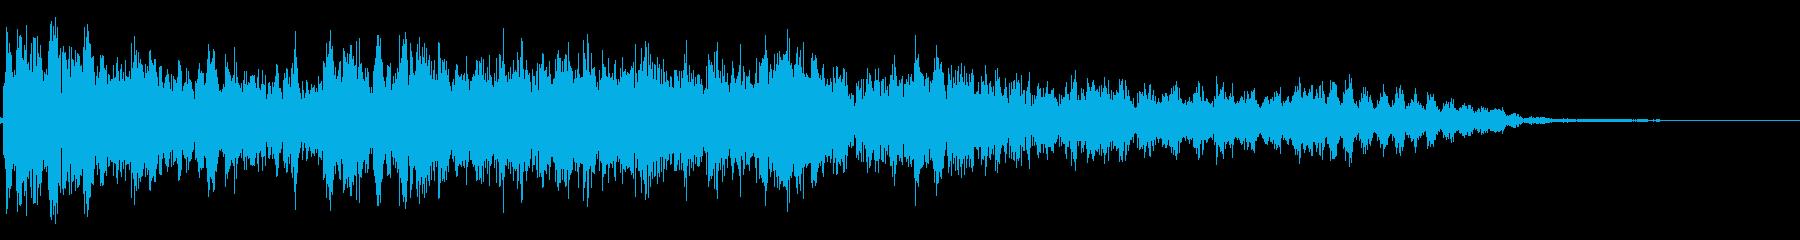 ビリビリ!バチバチ!(電撃・放電音)の再生済みの波形